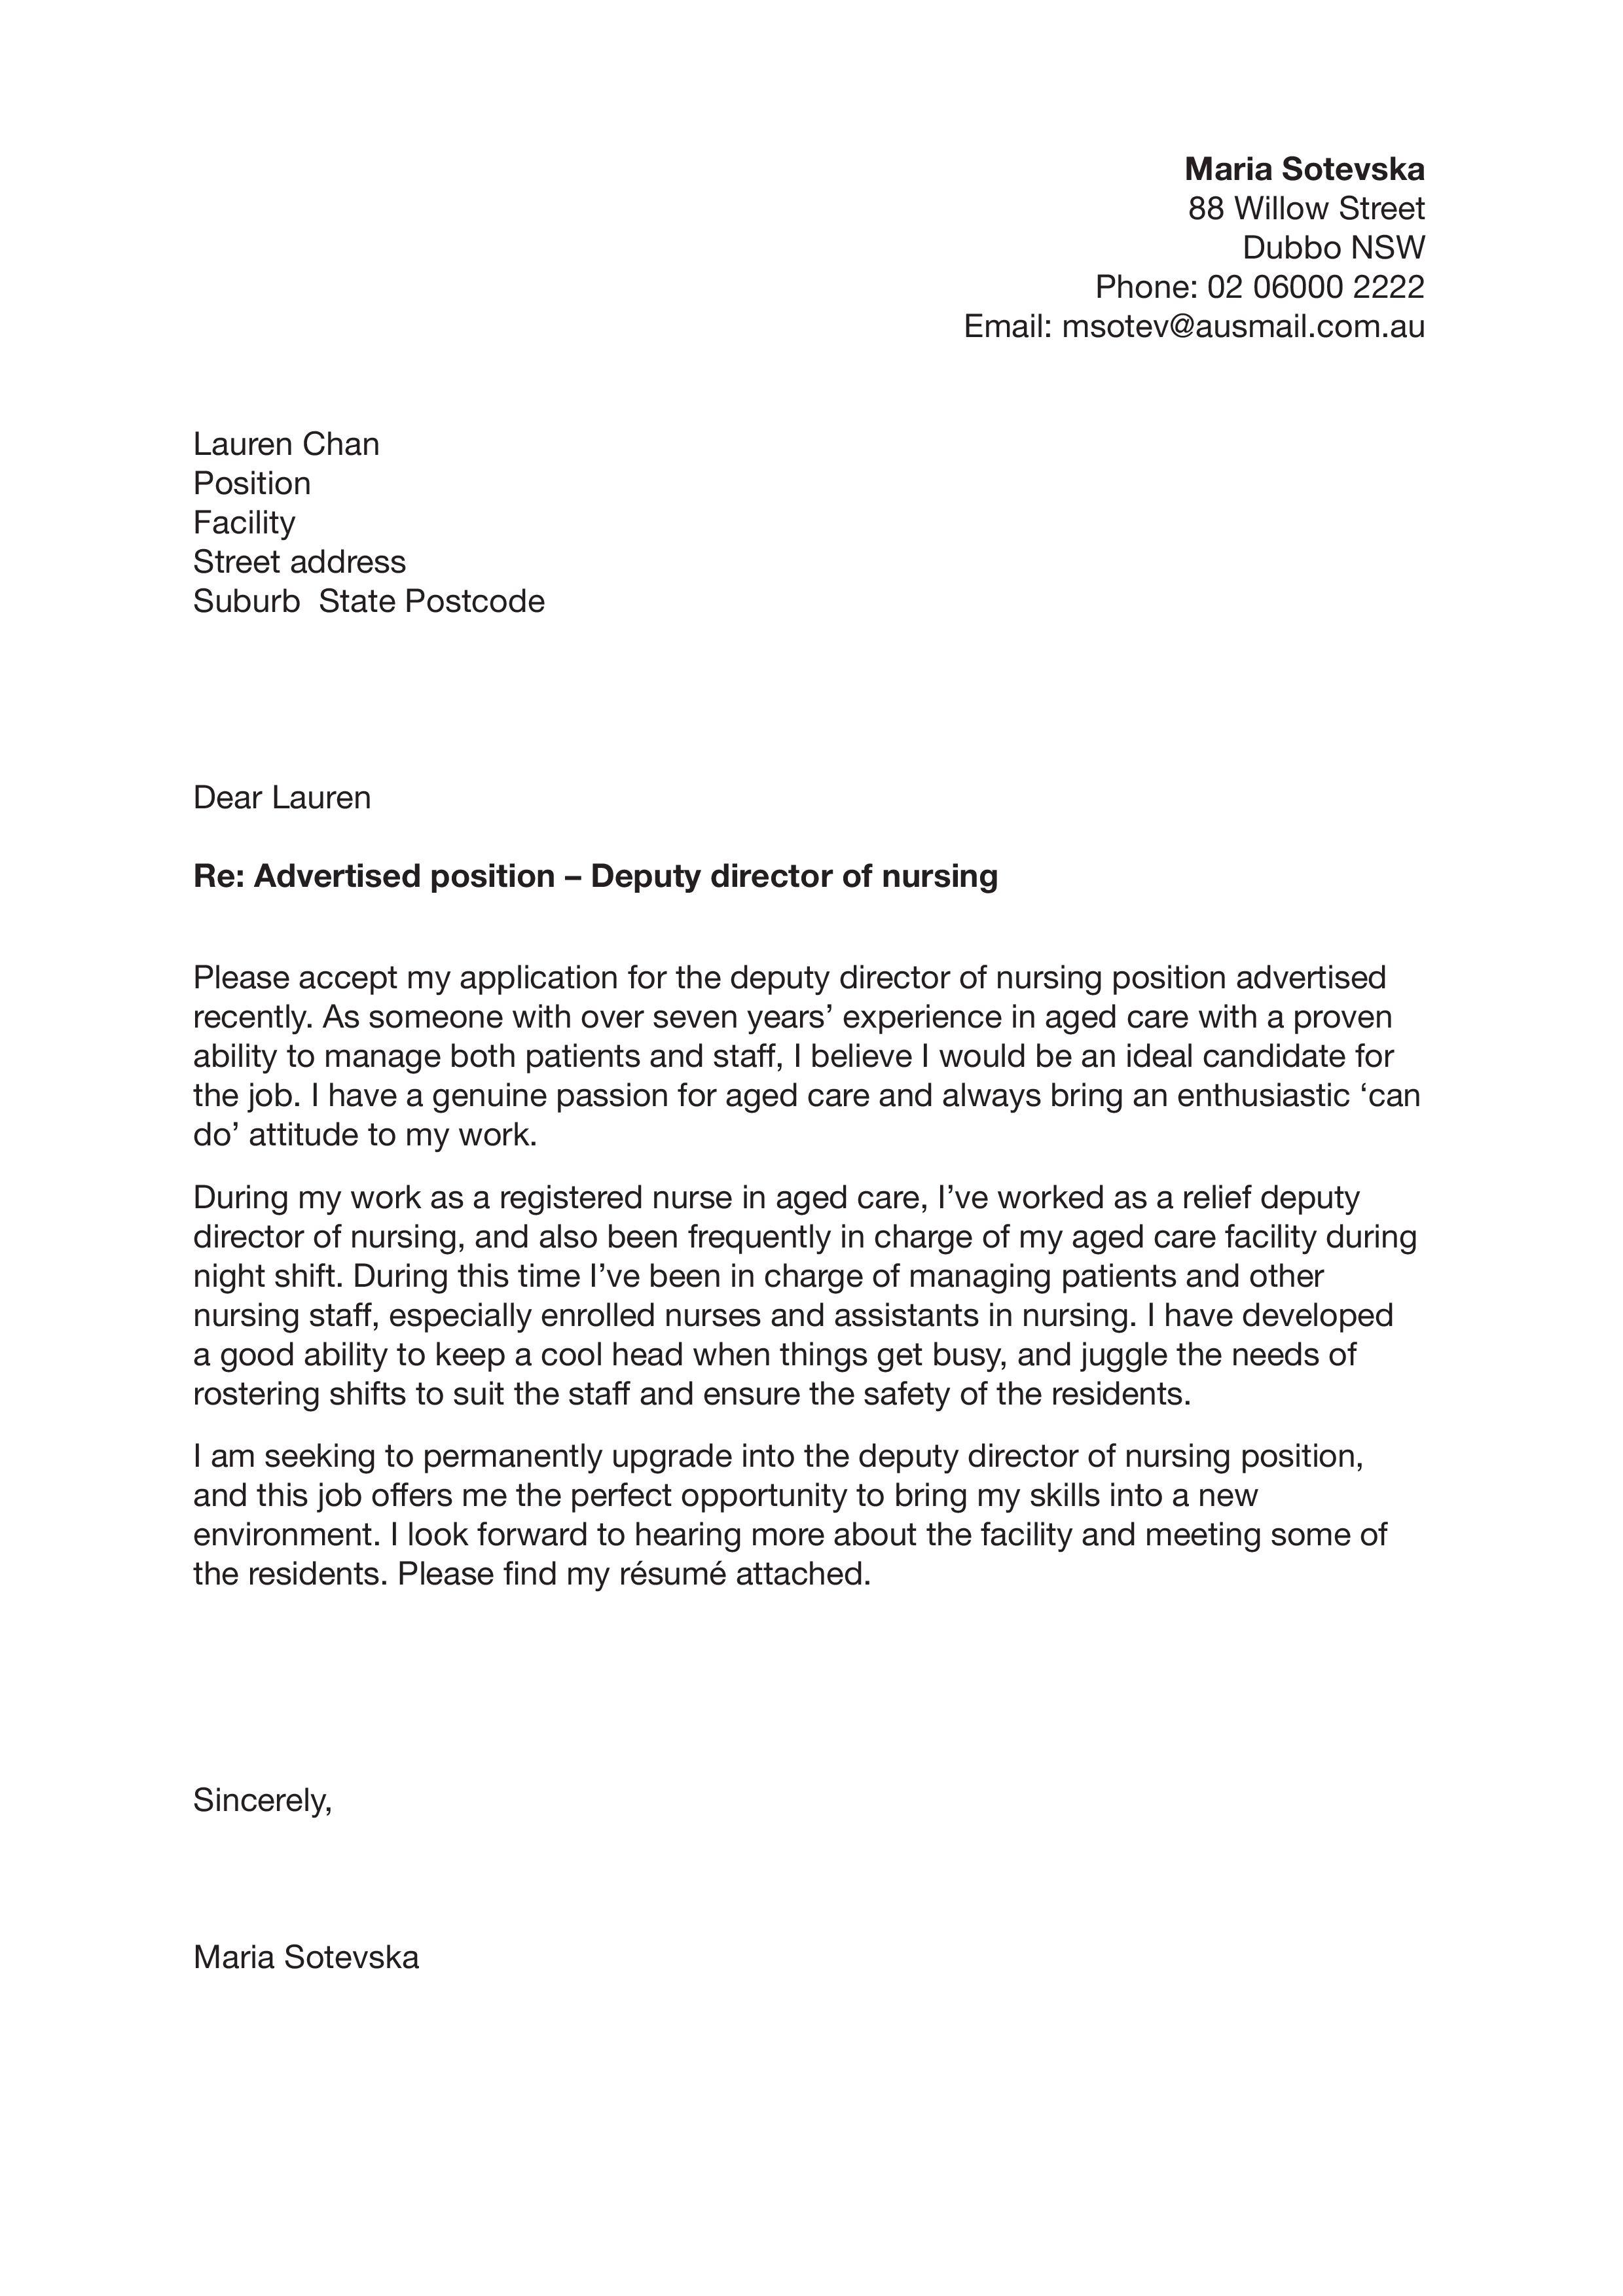 30 Nursing Cover Letter Cover Letter For Resume Nursing Cover Letter Cover Letter Example